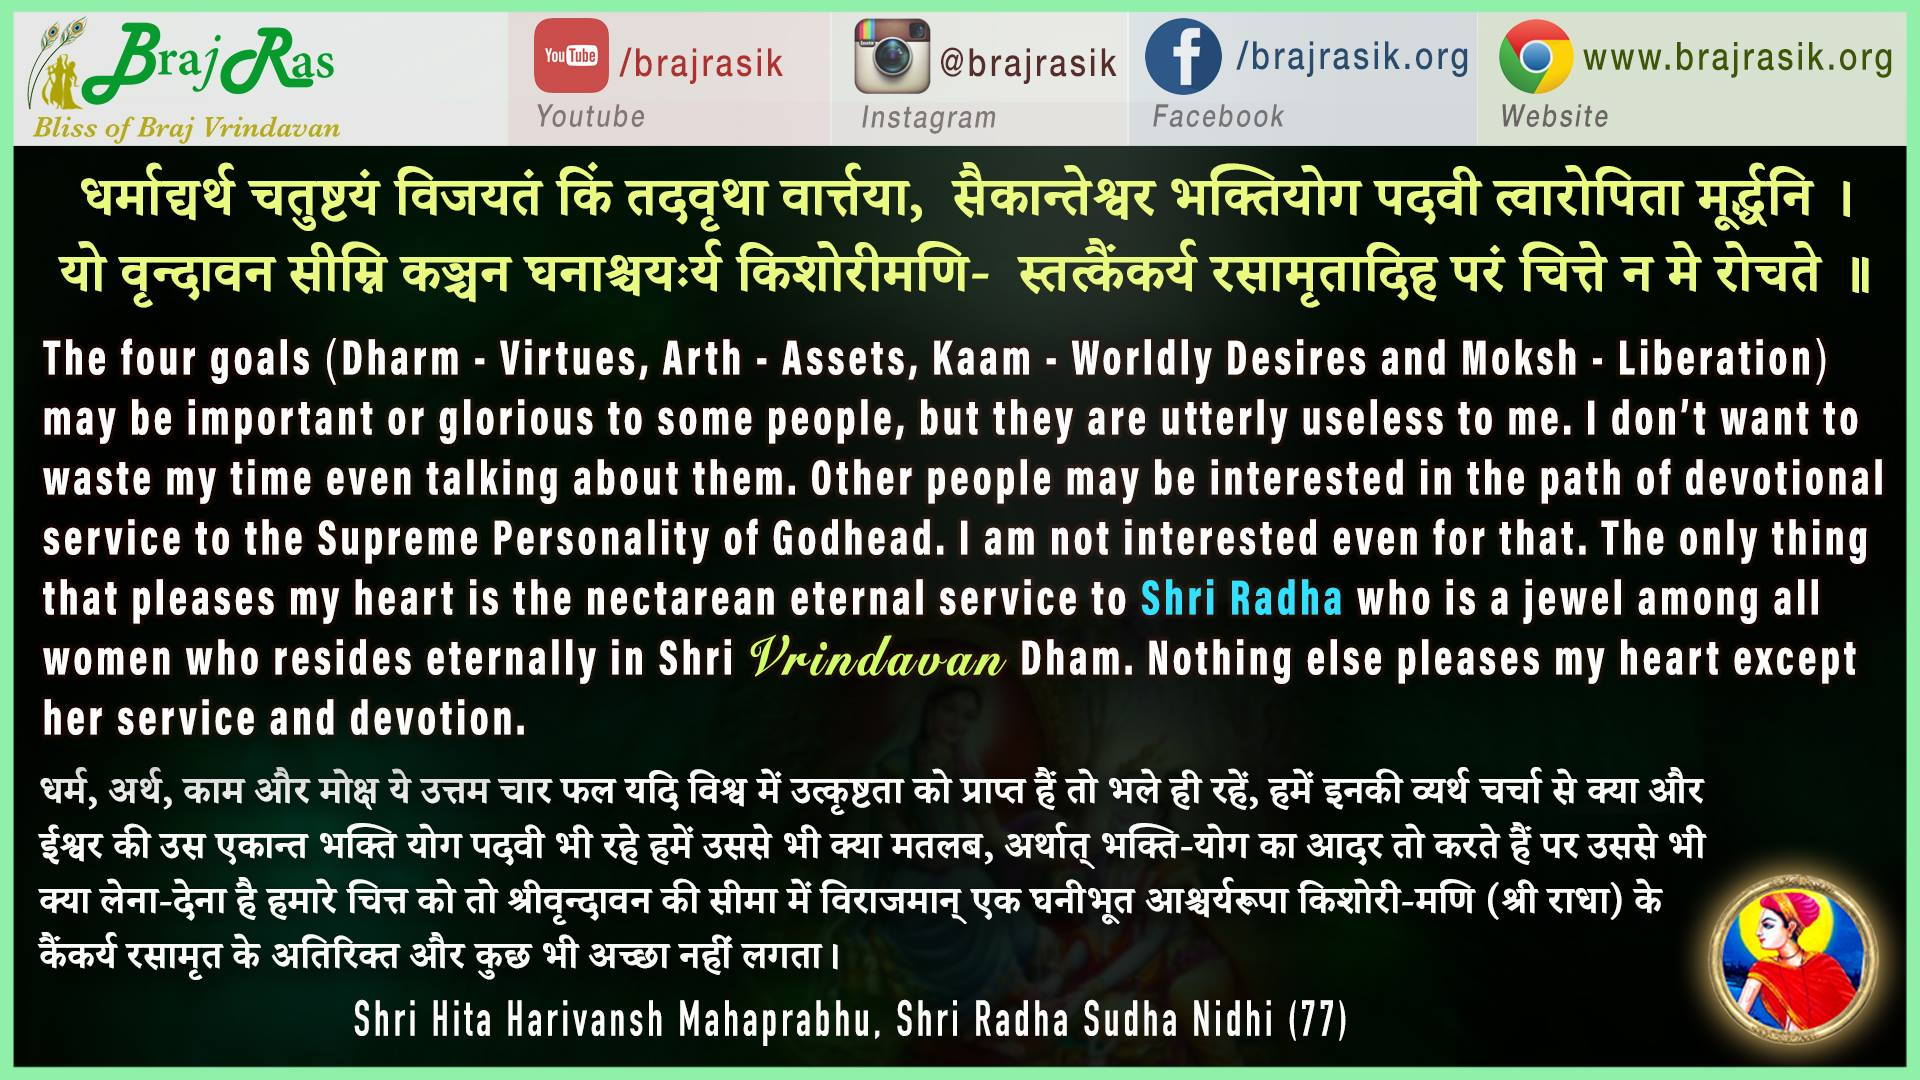 Dharmadya Artha Chatustayam Vijaytam - Shri Radha Sudha Nidhi (77)